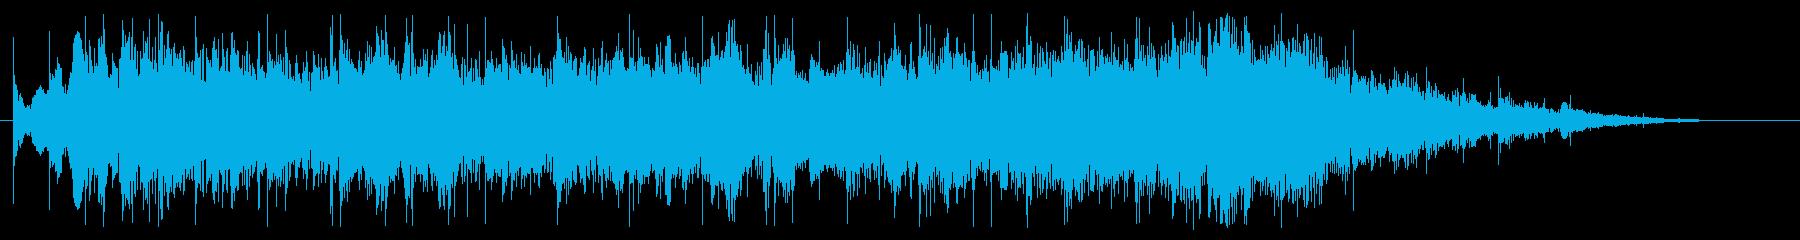 機械的・近未来的なジングル。ループ有の再生済みの波形